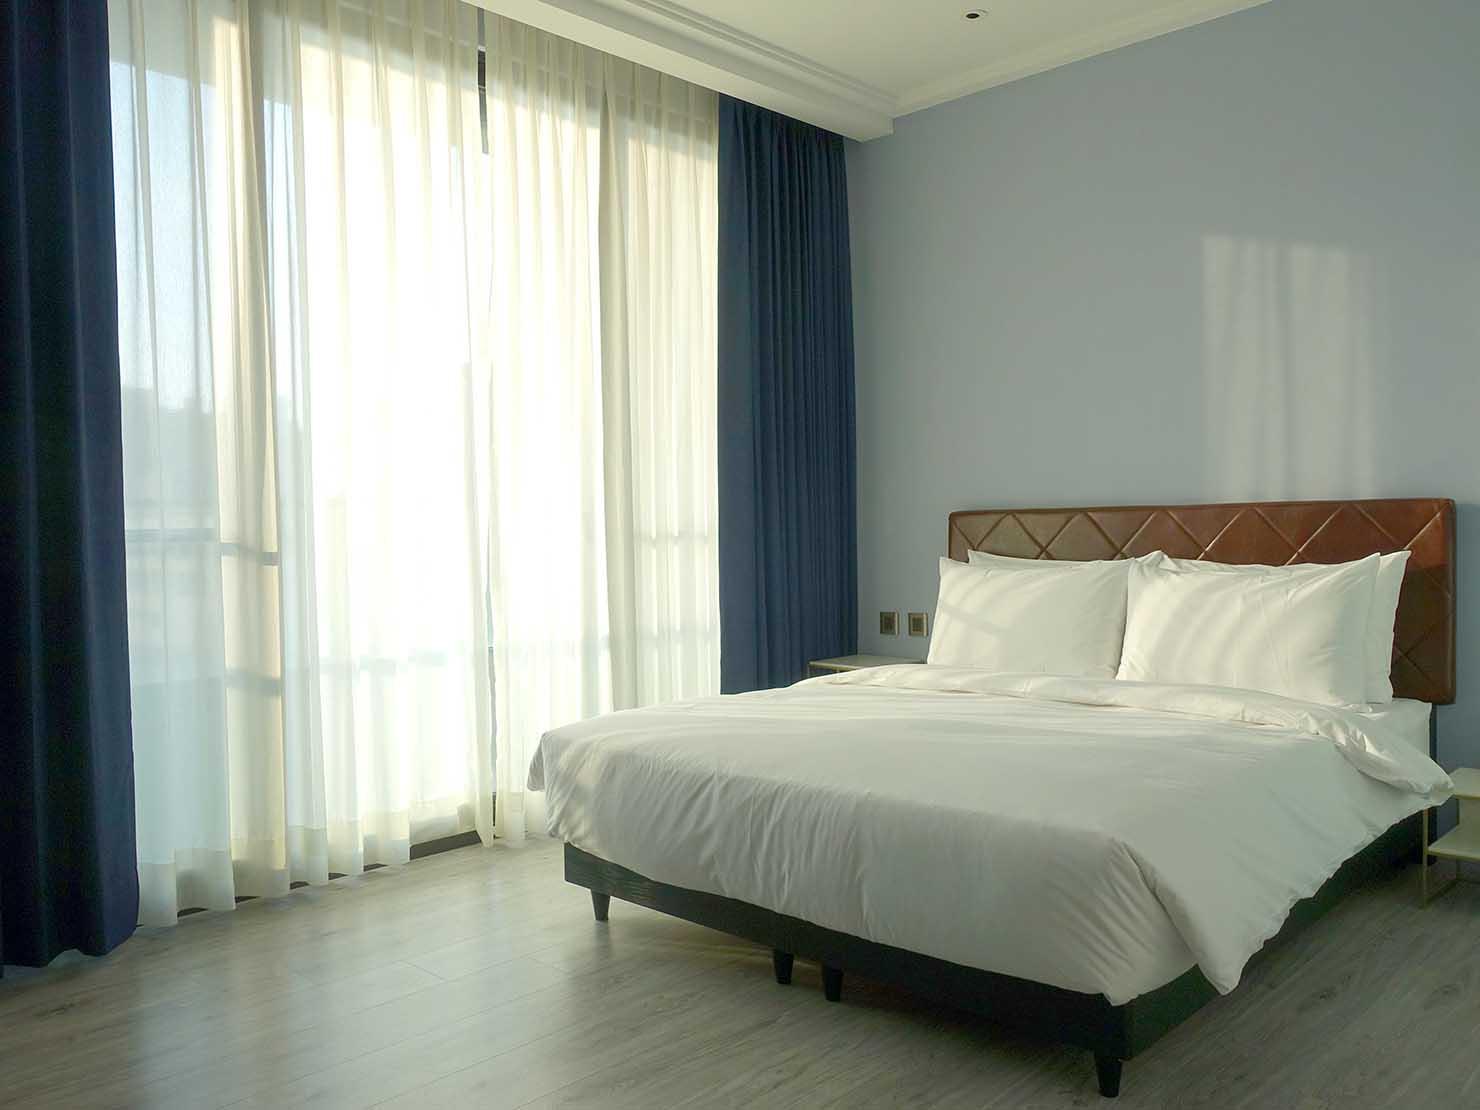 台北・大安の最高におしゃれなブティックホテル「chez nous 司旅」經典房(クラシックルーム)のベッドルーム